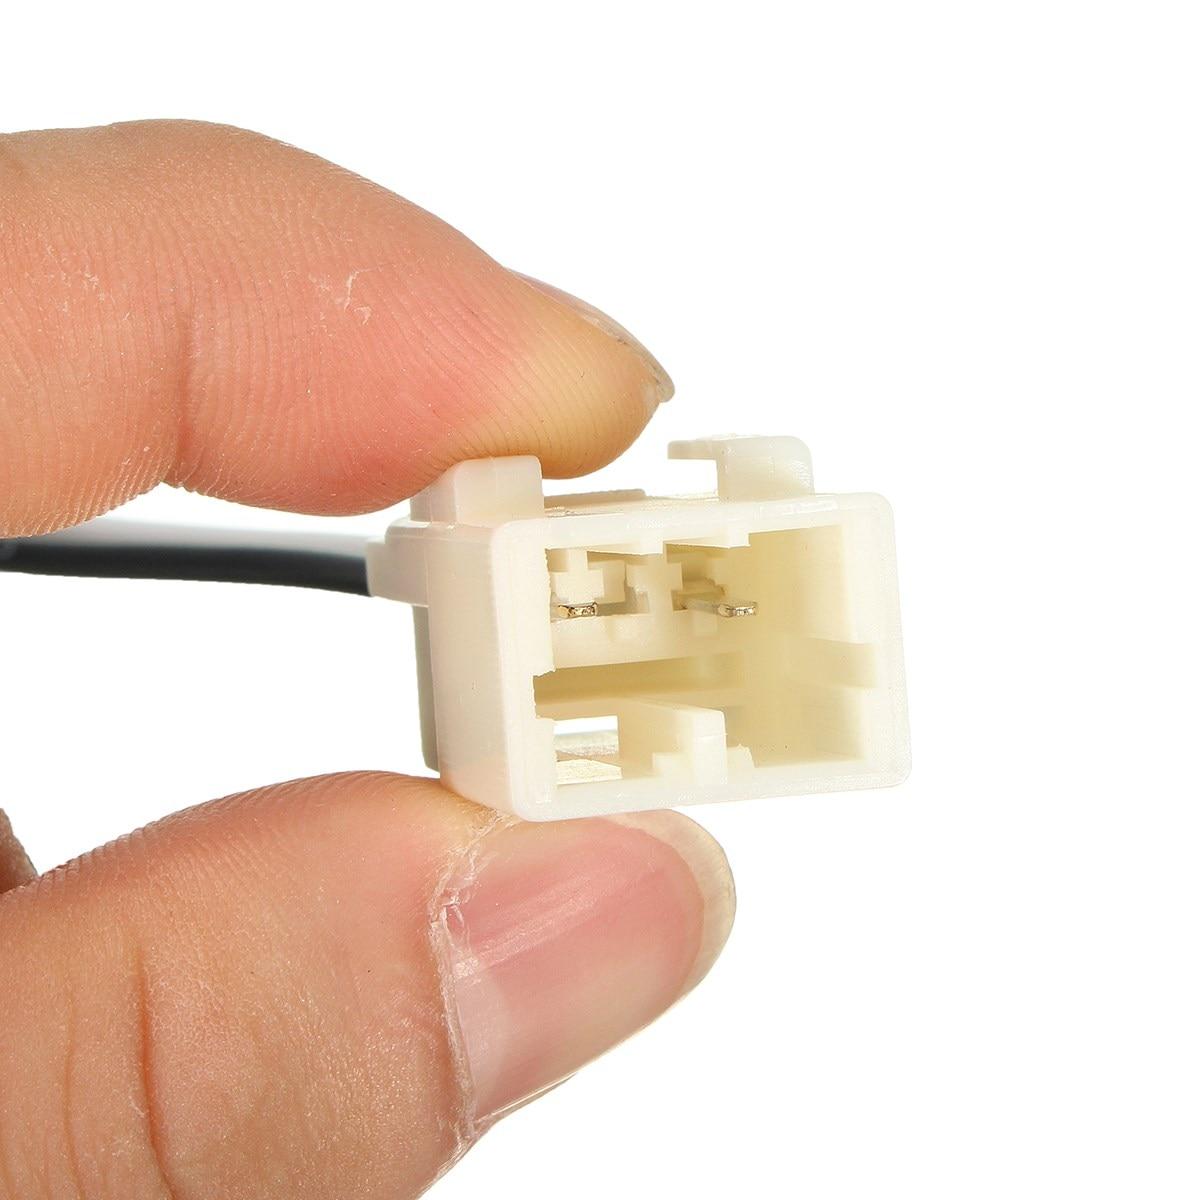 Ausgezeichnet Kabelklemmen Kunststoff Fotos - Elektrische Schaltplan ...